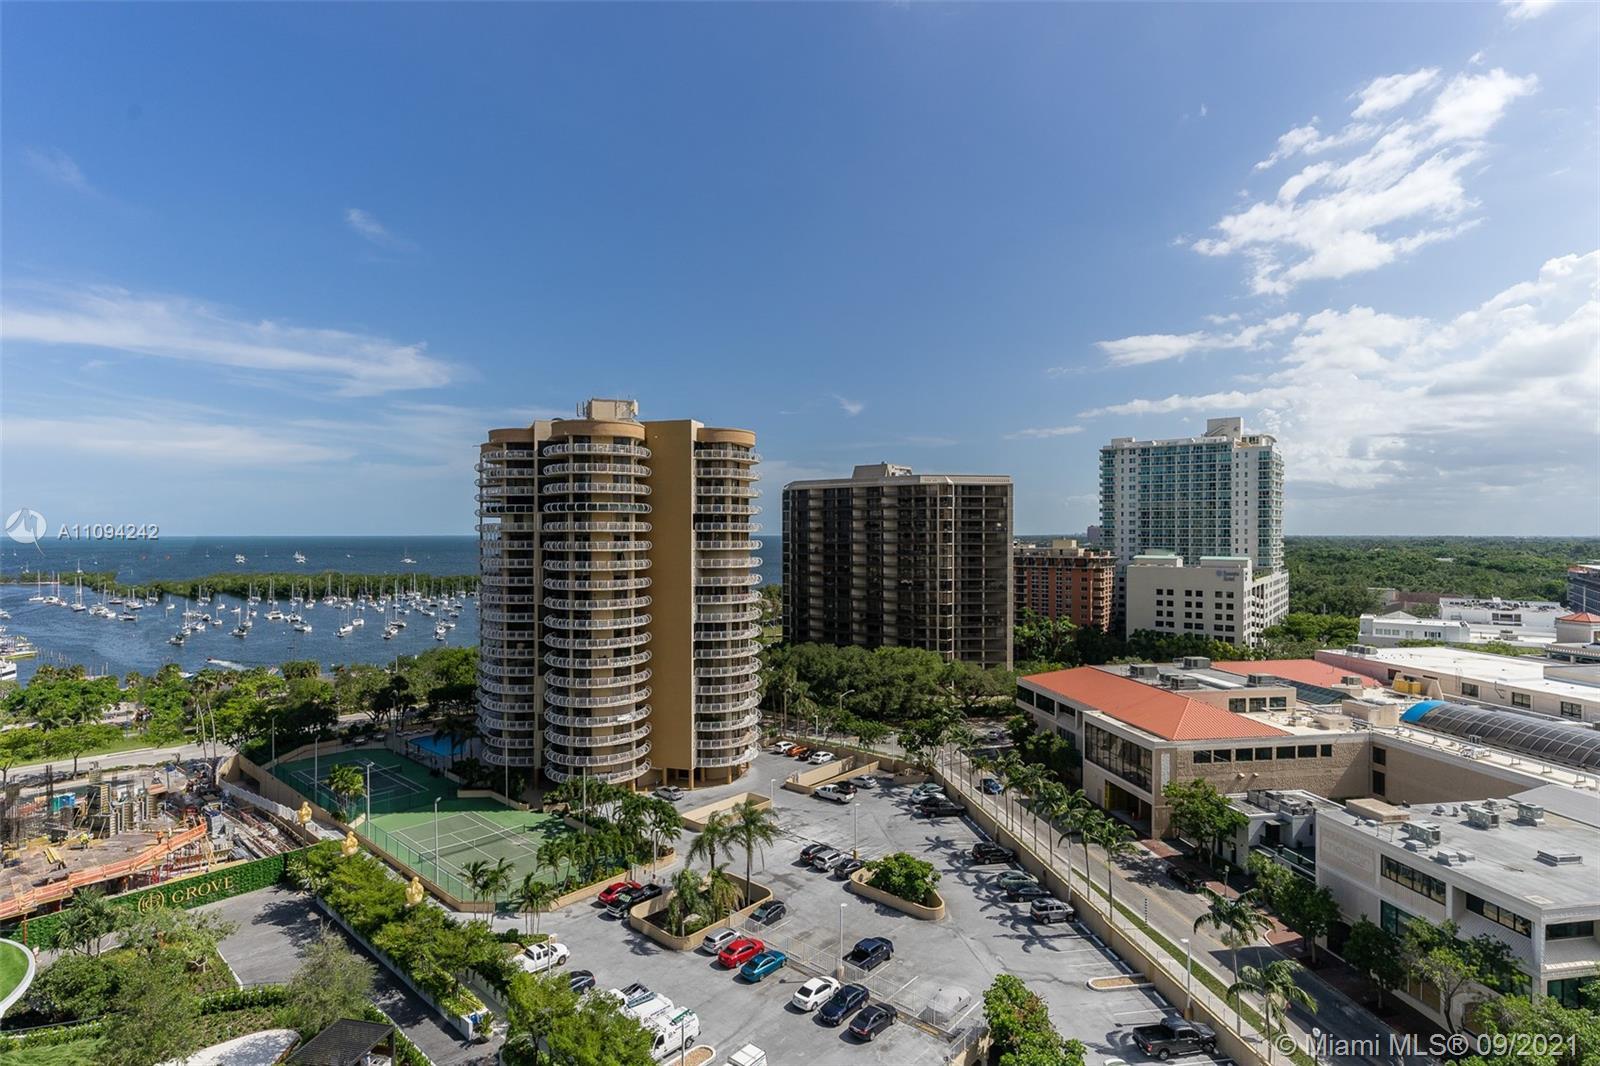 Park Grove Tower Three #1202 - 2831 S Bayshore Dr #1202, Miami, FL 33133